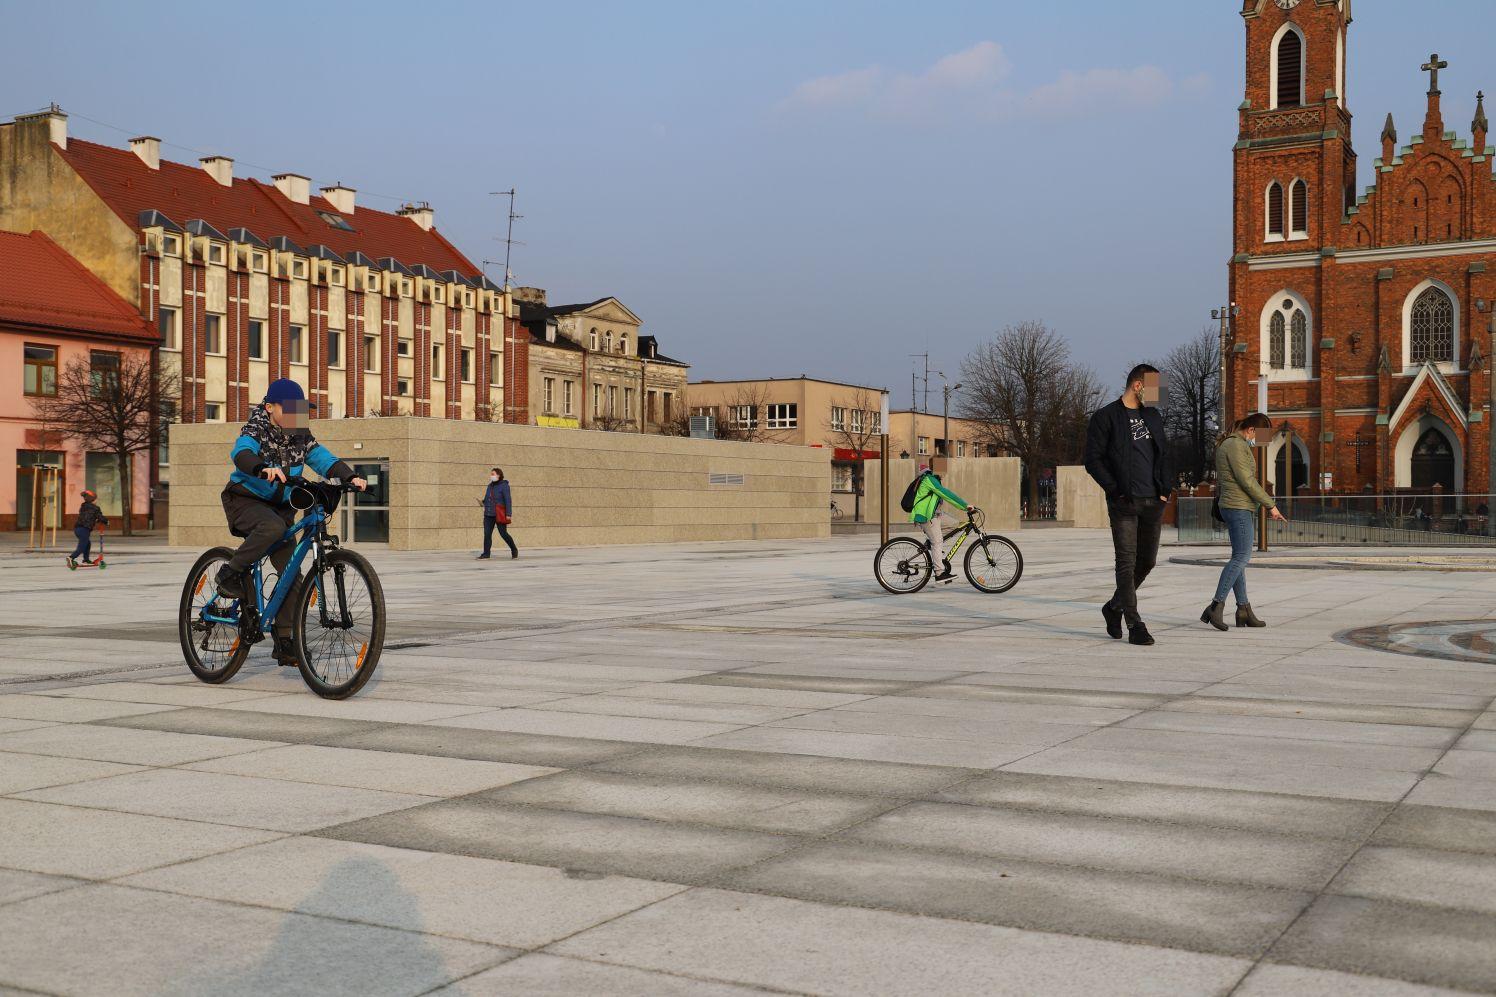 Miasto zaprasza do nowego pawilonu na Placu Wolności. Odbędzie się tam wyjątkowa wystawa! - Zdjęcie główne